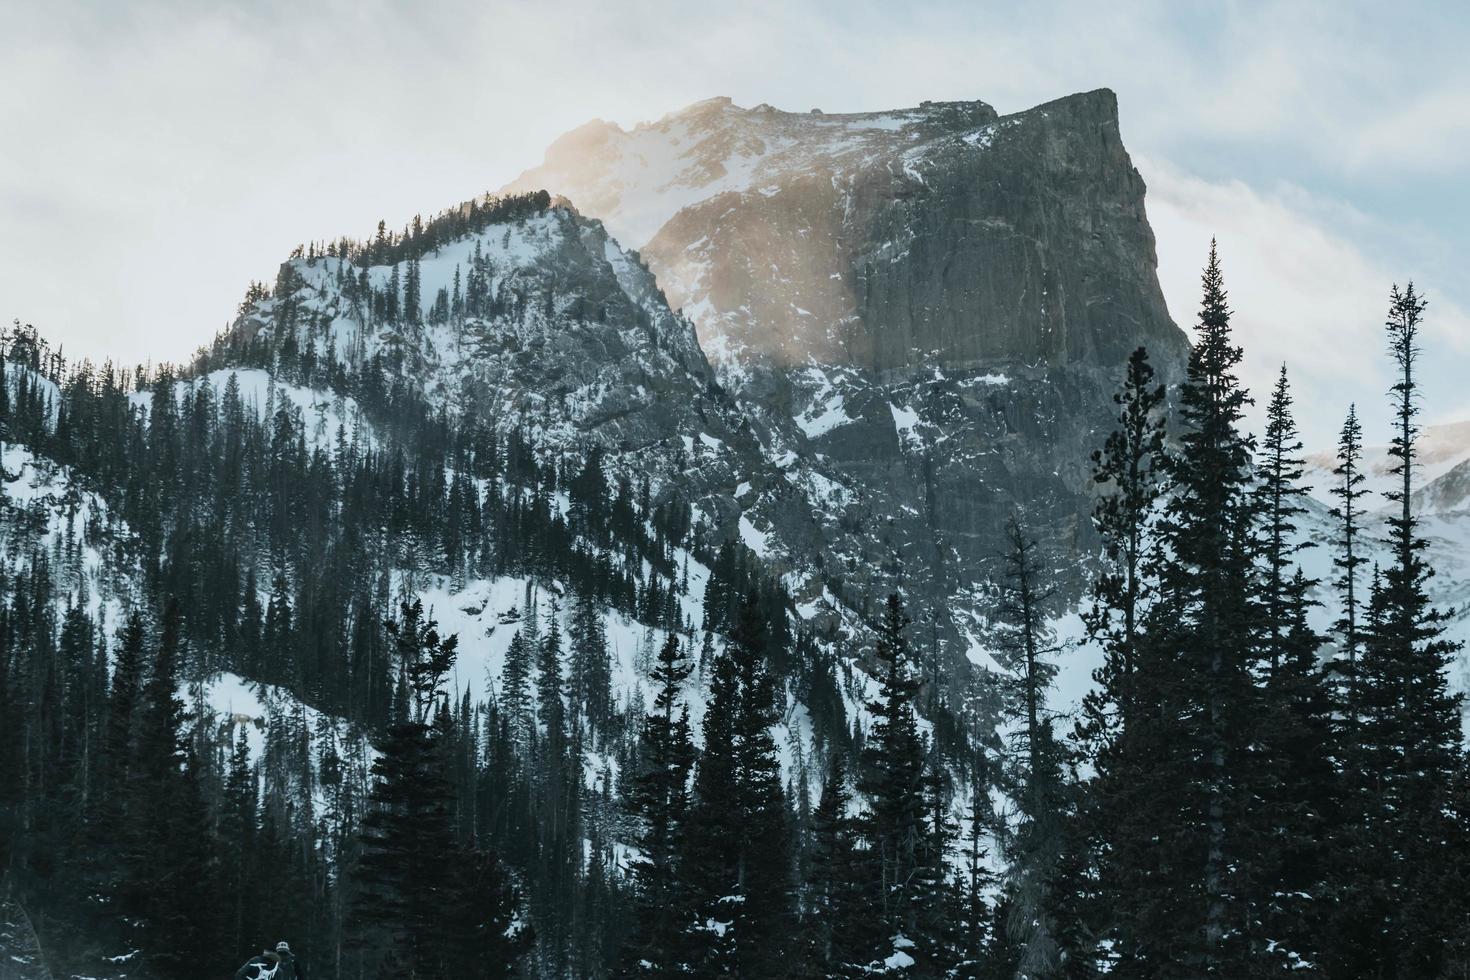 montagna innevata e alberi foto